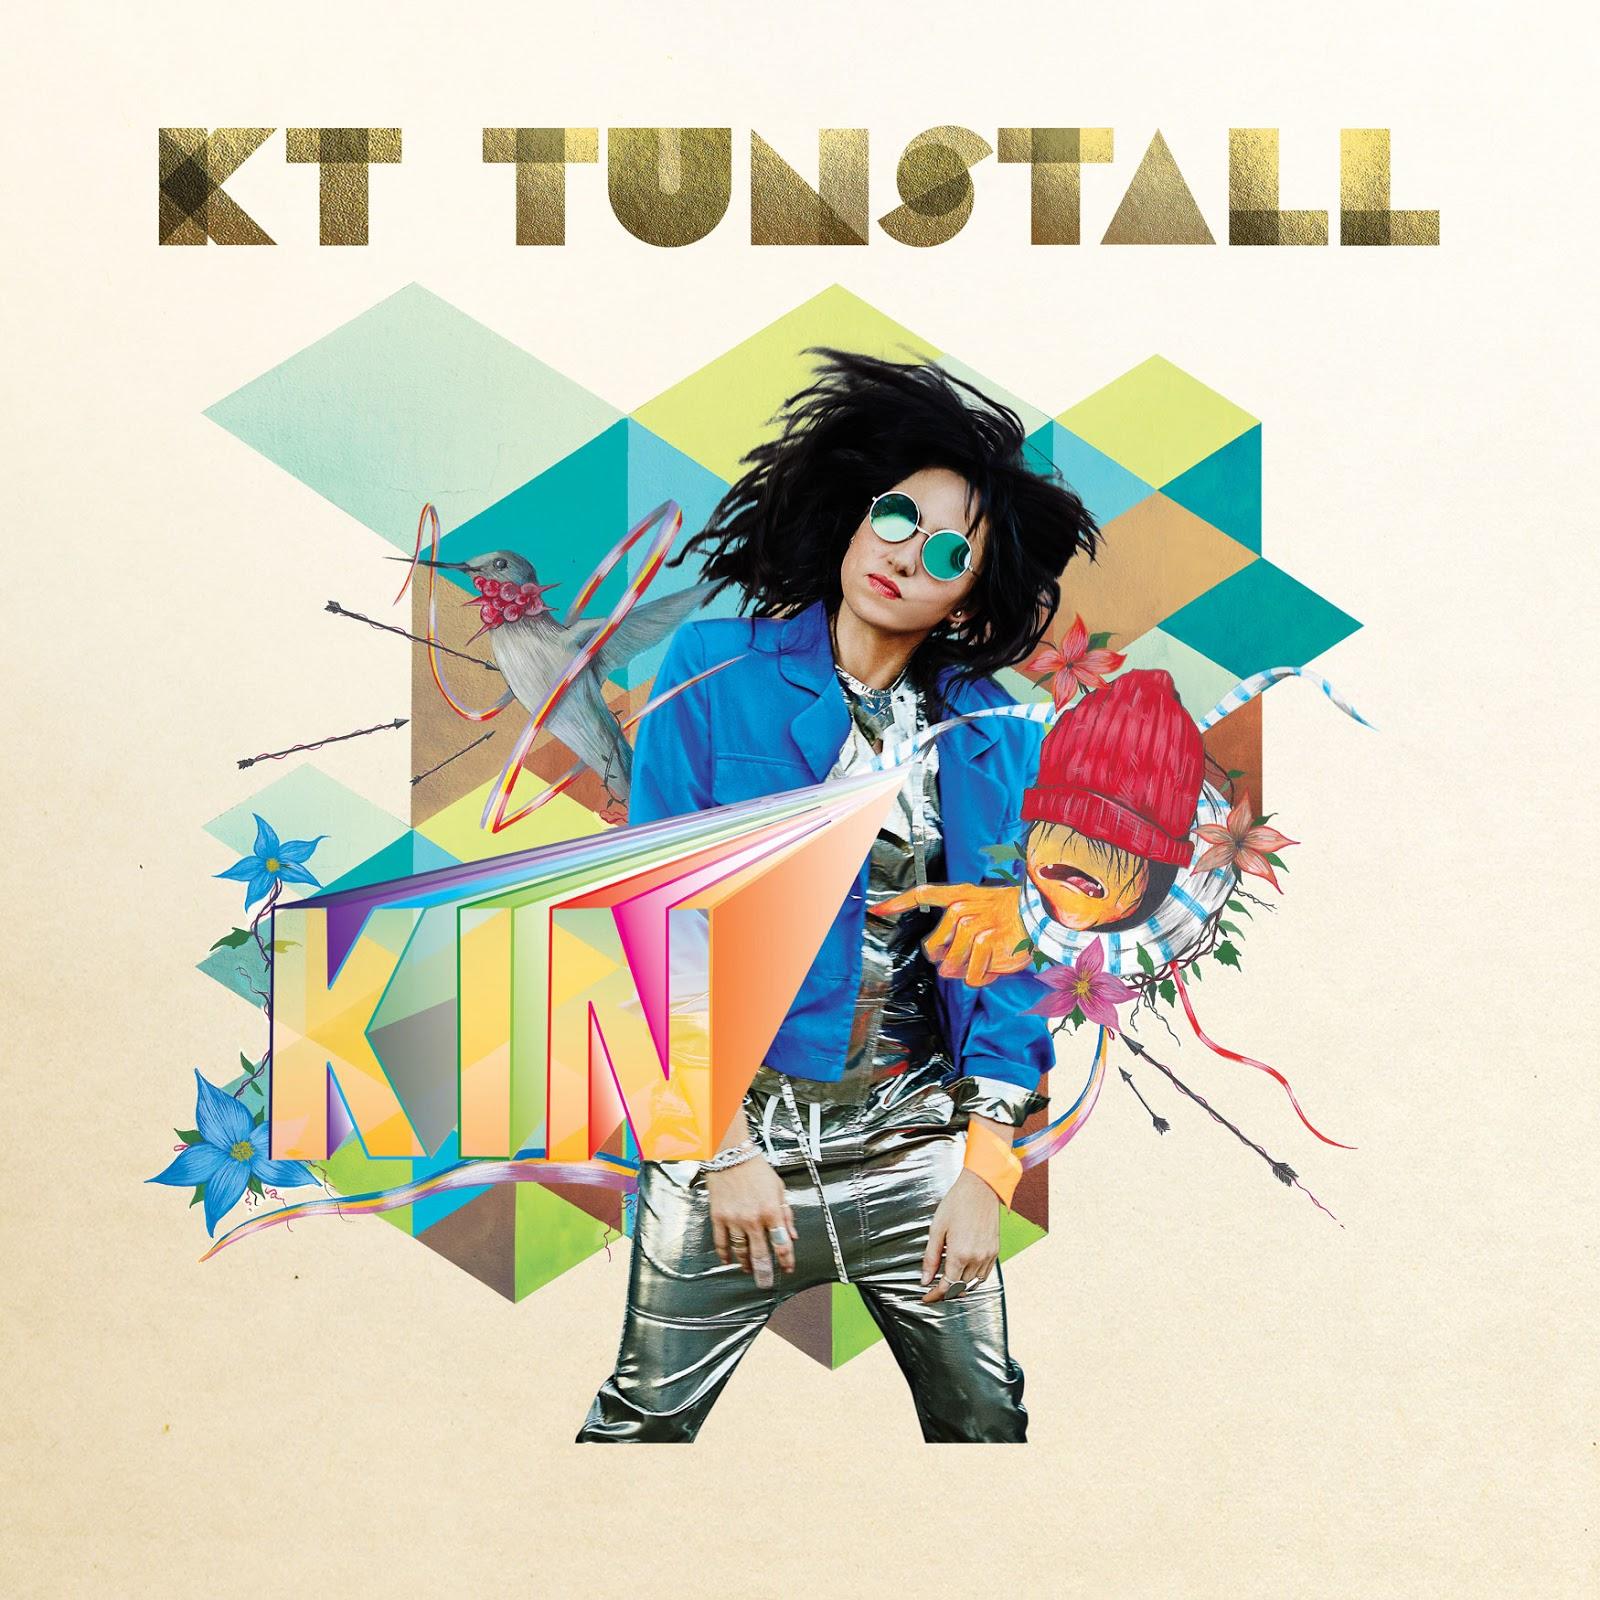 KT Tunstall - KIN (2016)